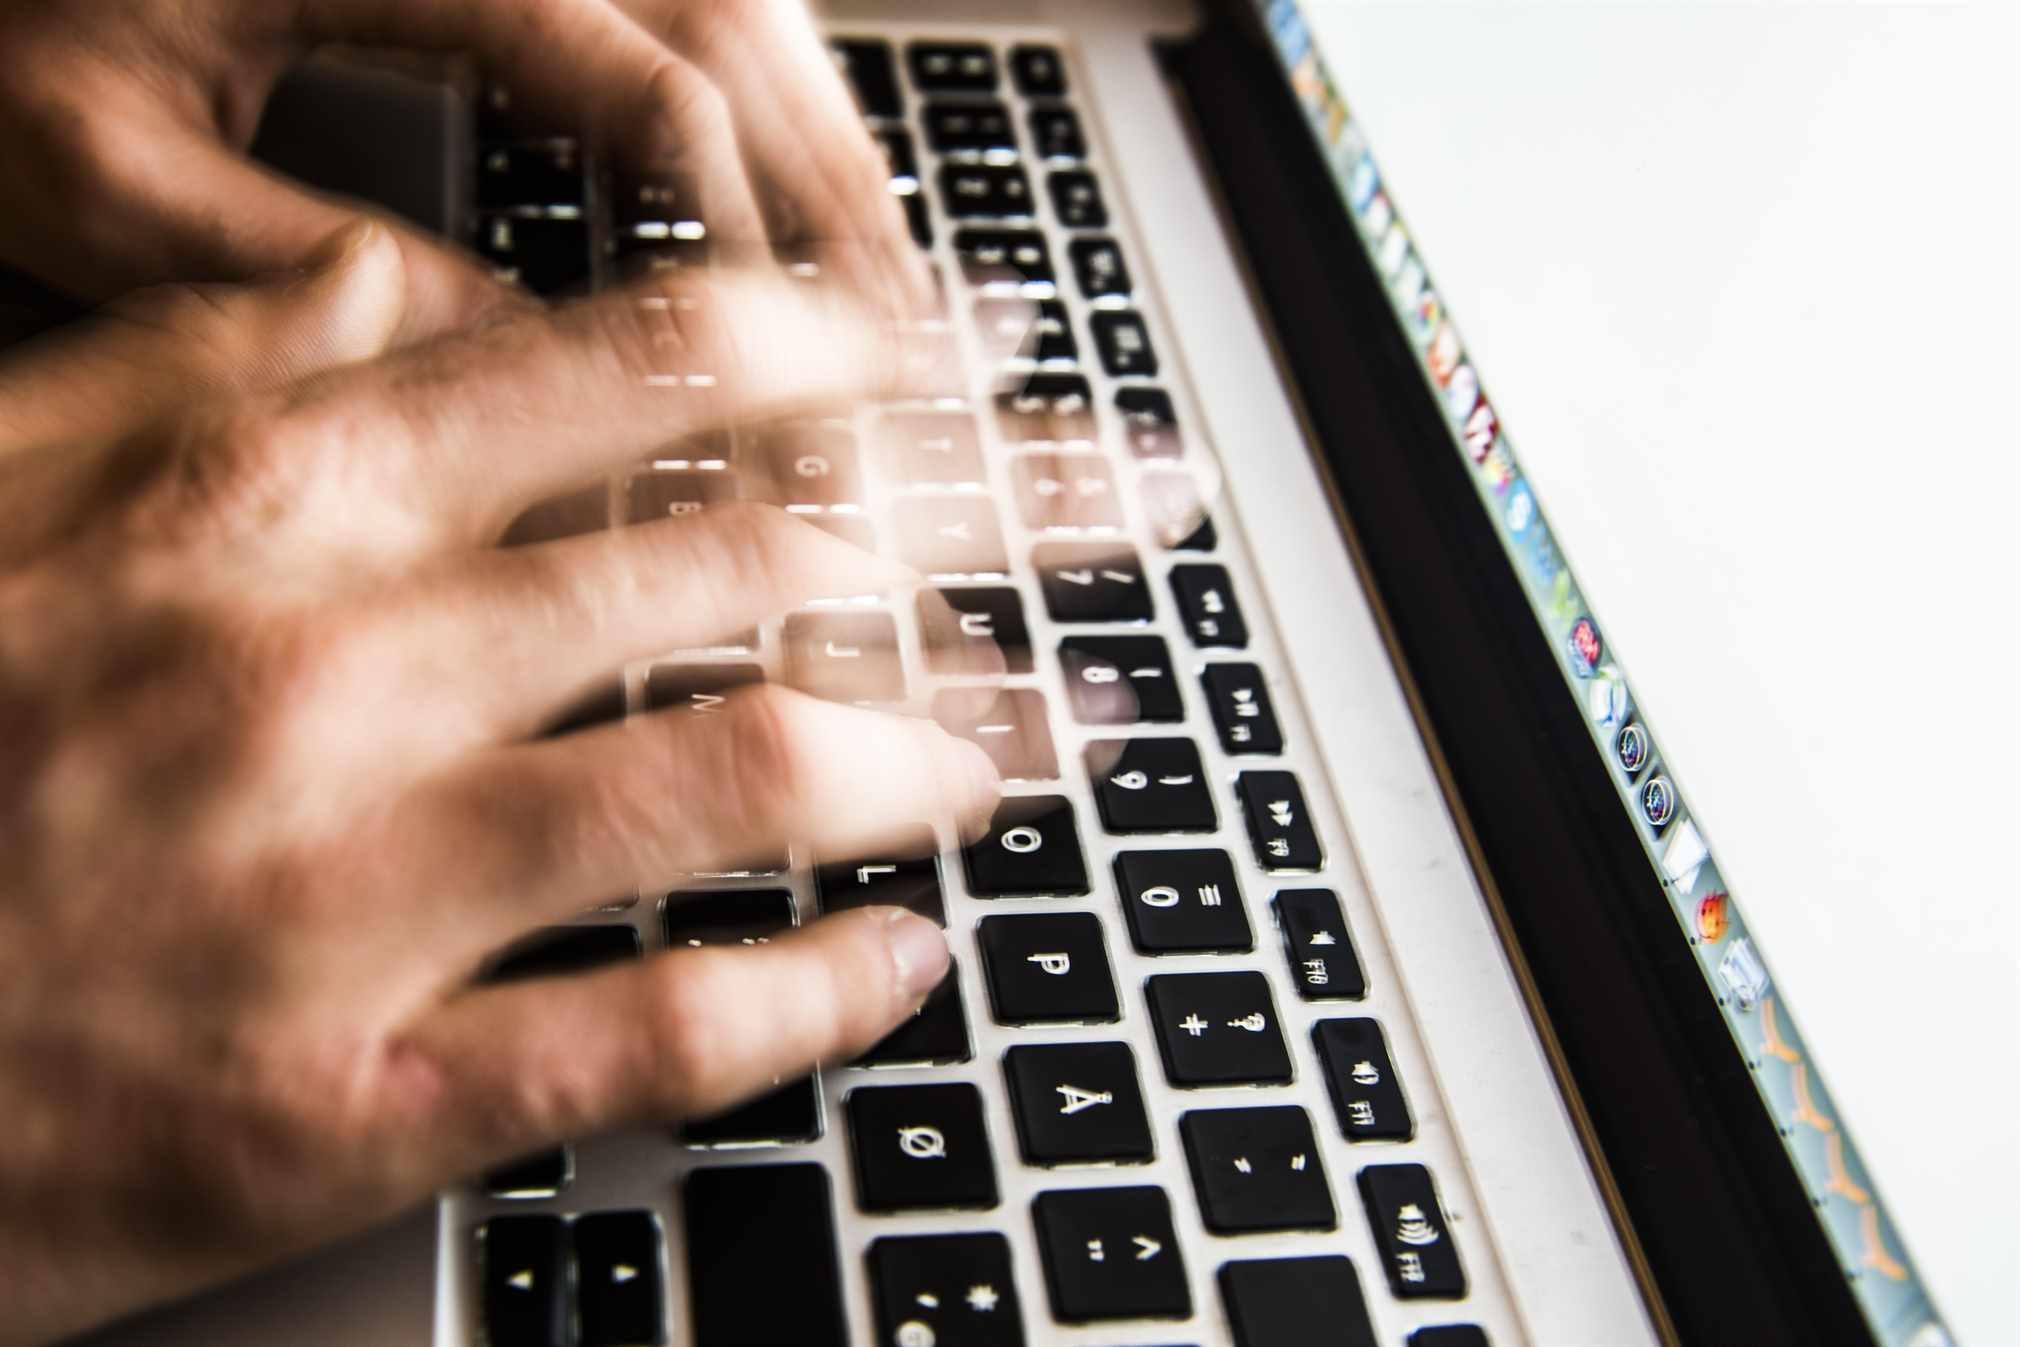 hackere.jpg